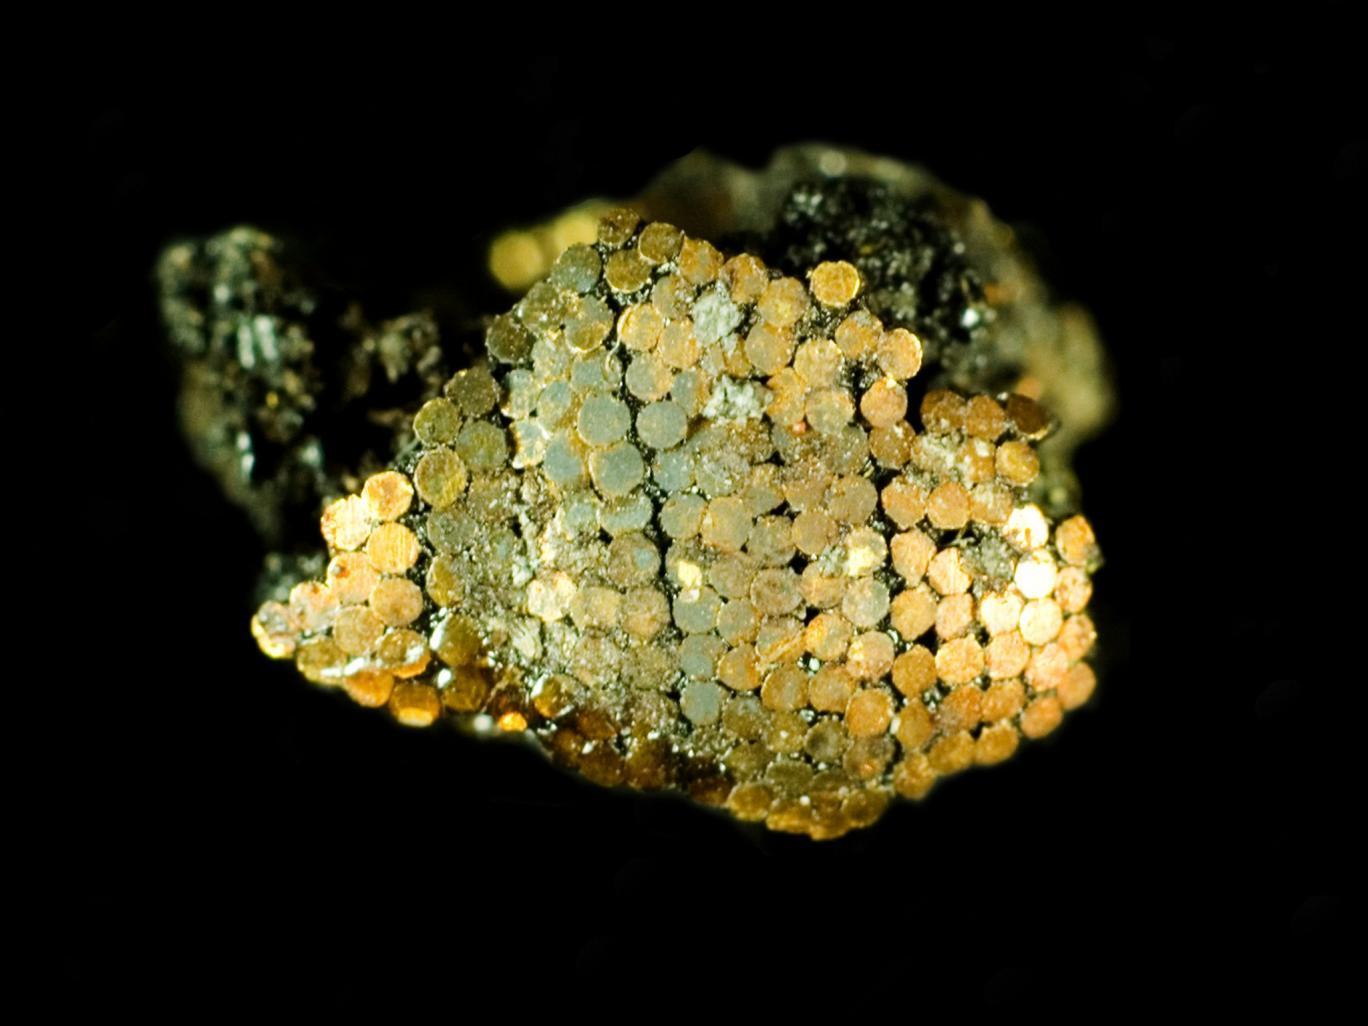 Mikroskopische Ansicht des Griffs mit den winzigen Goldnägeln, Quelle: The Independent